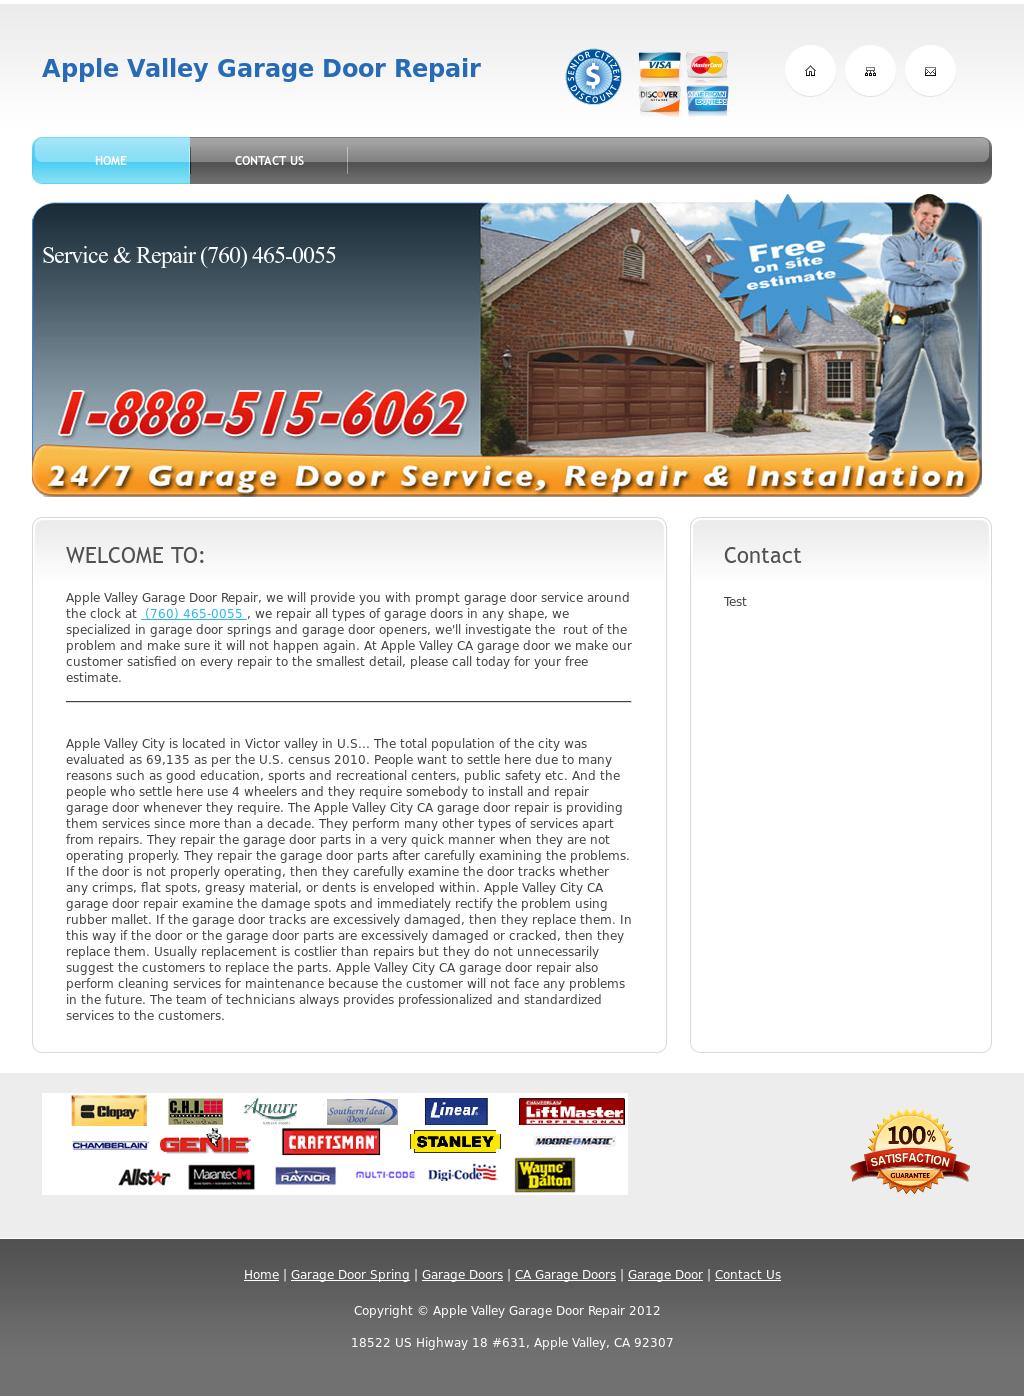 Apple Valley Garage Door Repair Website History